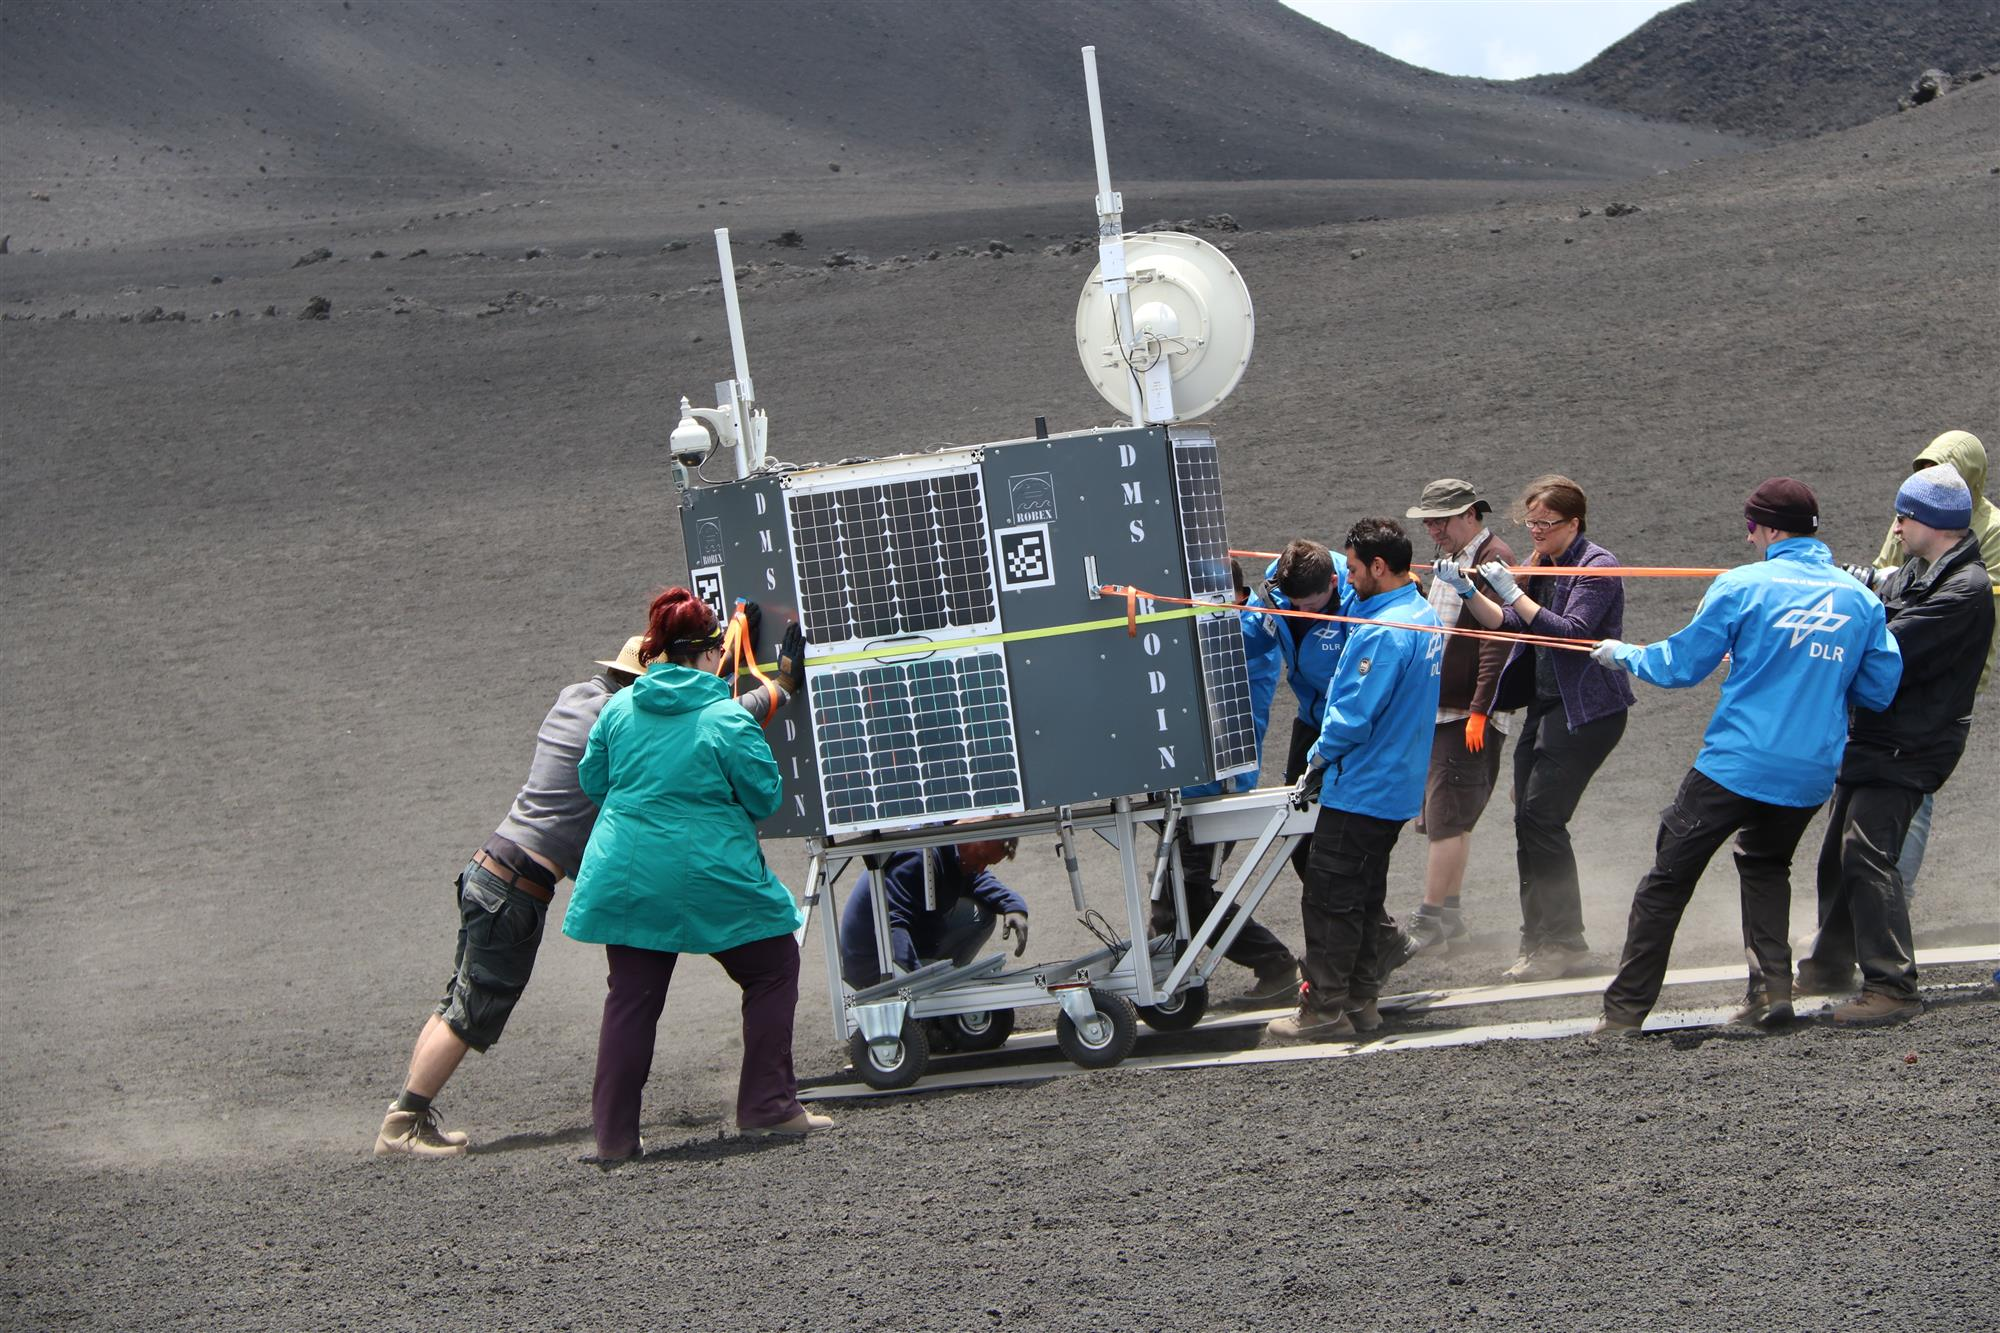 El Centro Aeroespacial Alemán prueba sus artefactos en el volcán Etna